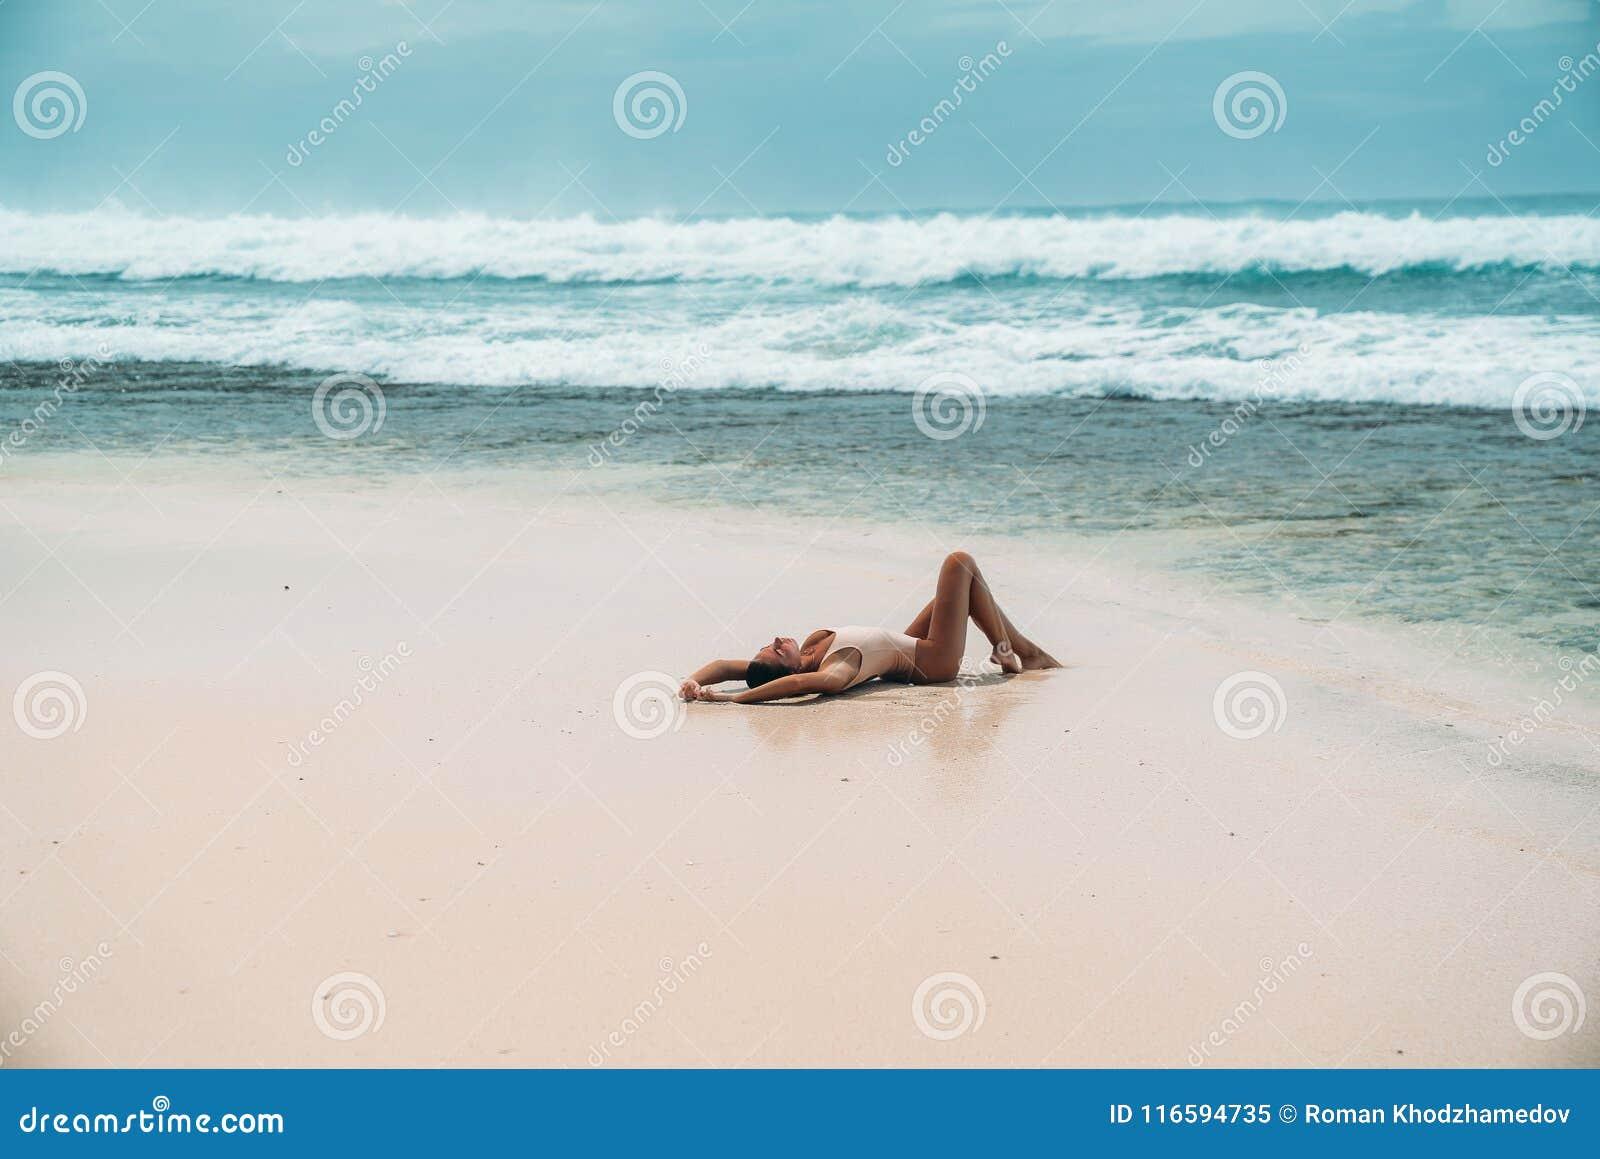 Сексуальная сторона на солнечном берегу